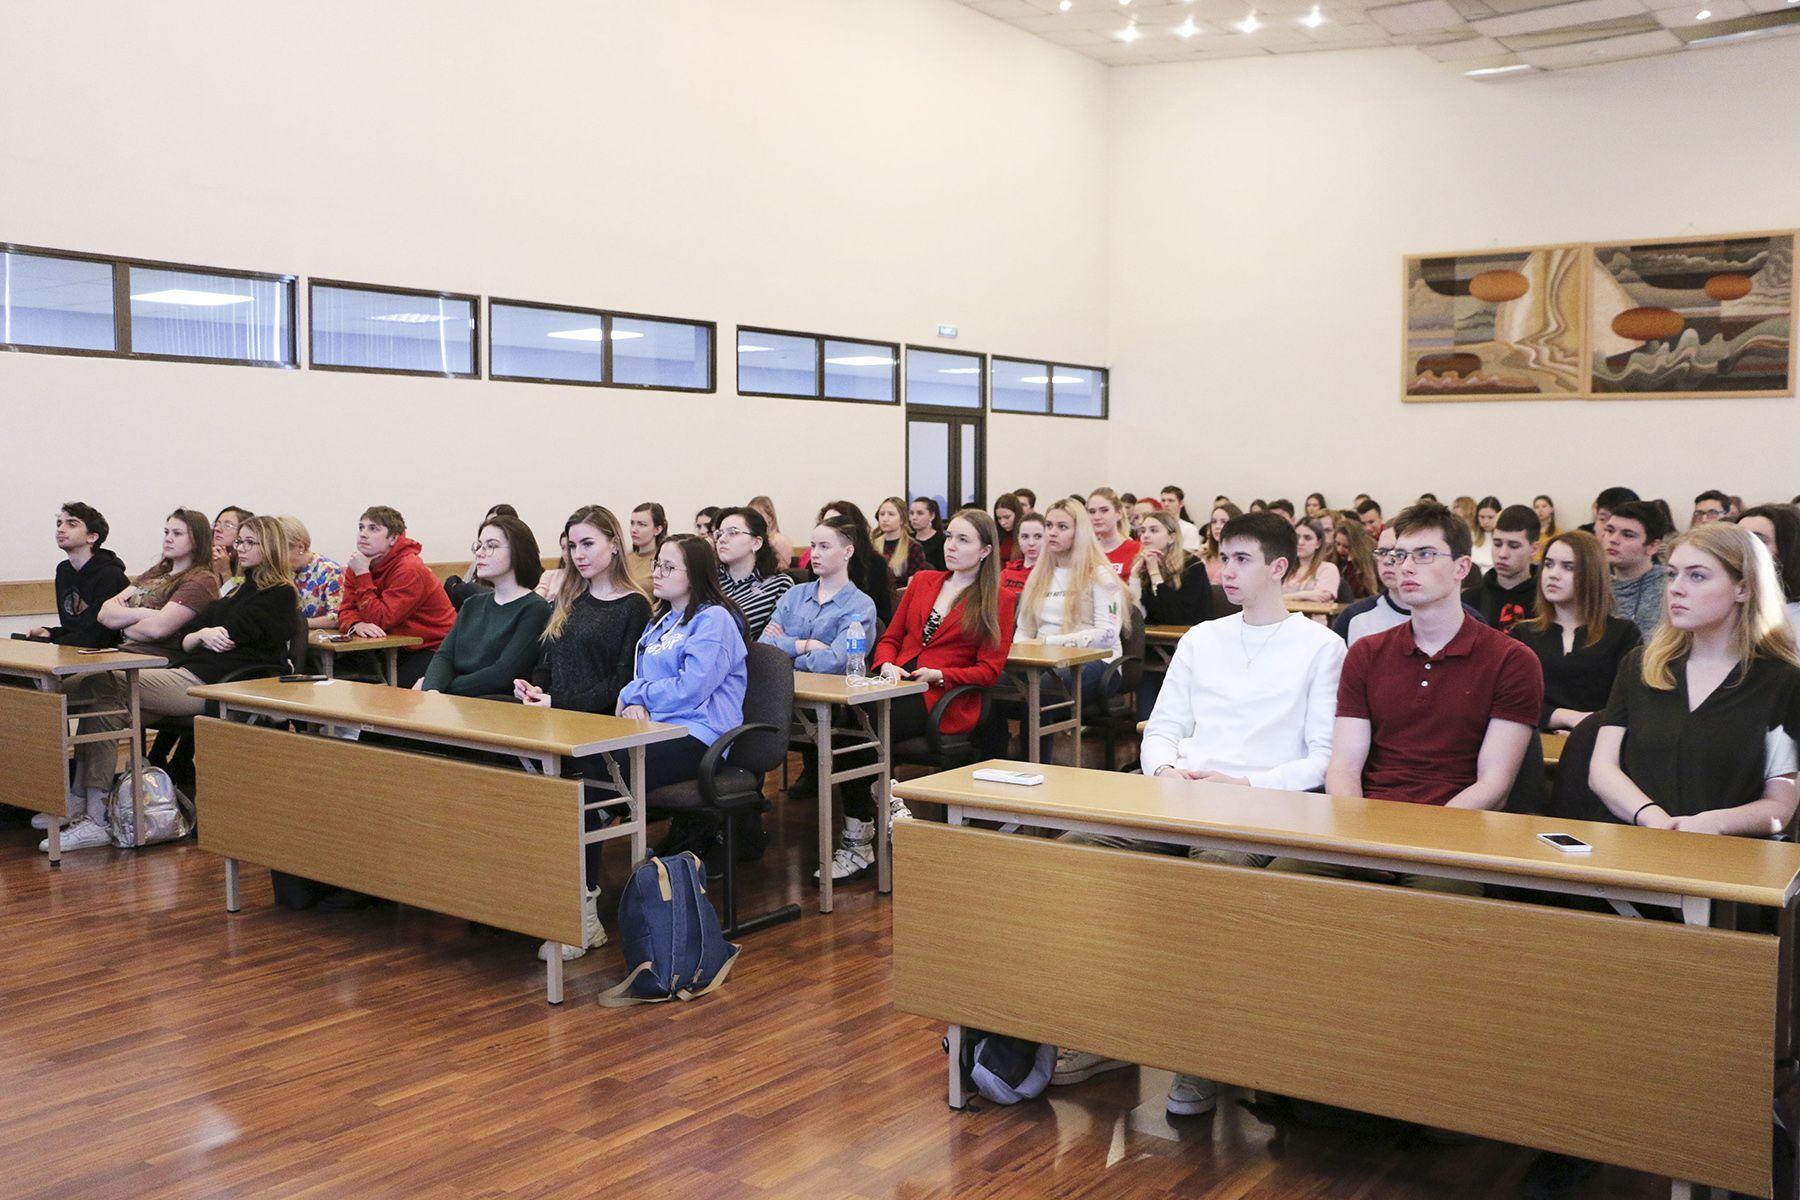 «День компании» Excelente Career & Education Center во ВГУЭС: гарантированные карьерные перспективы для студентов